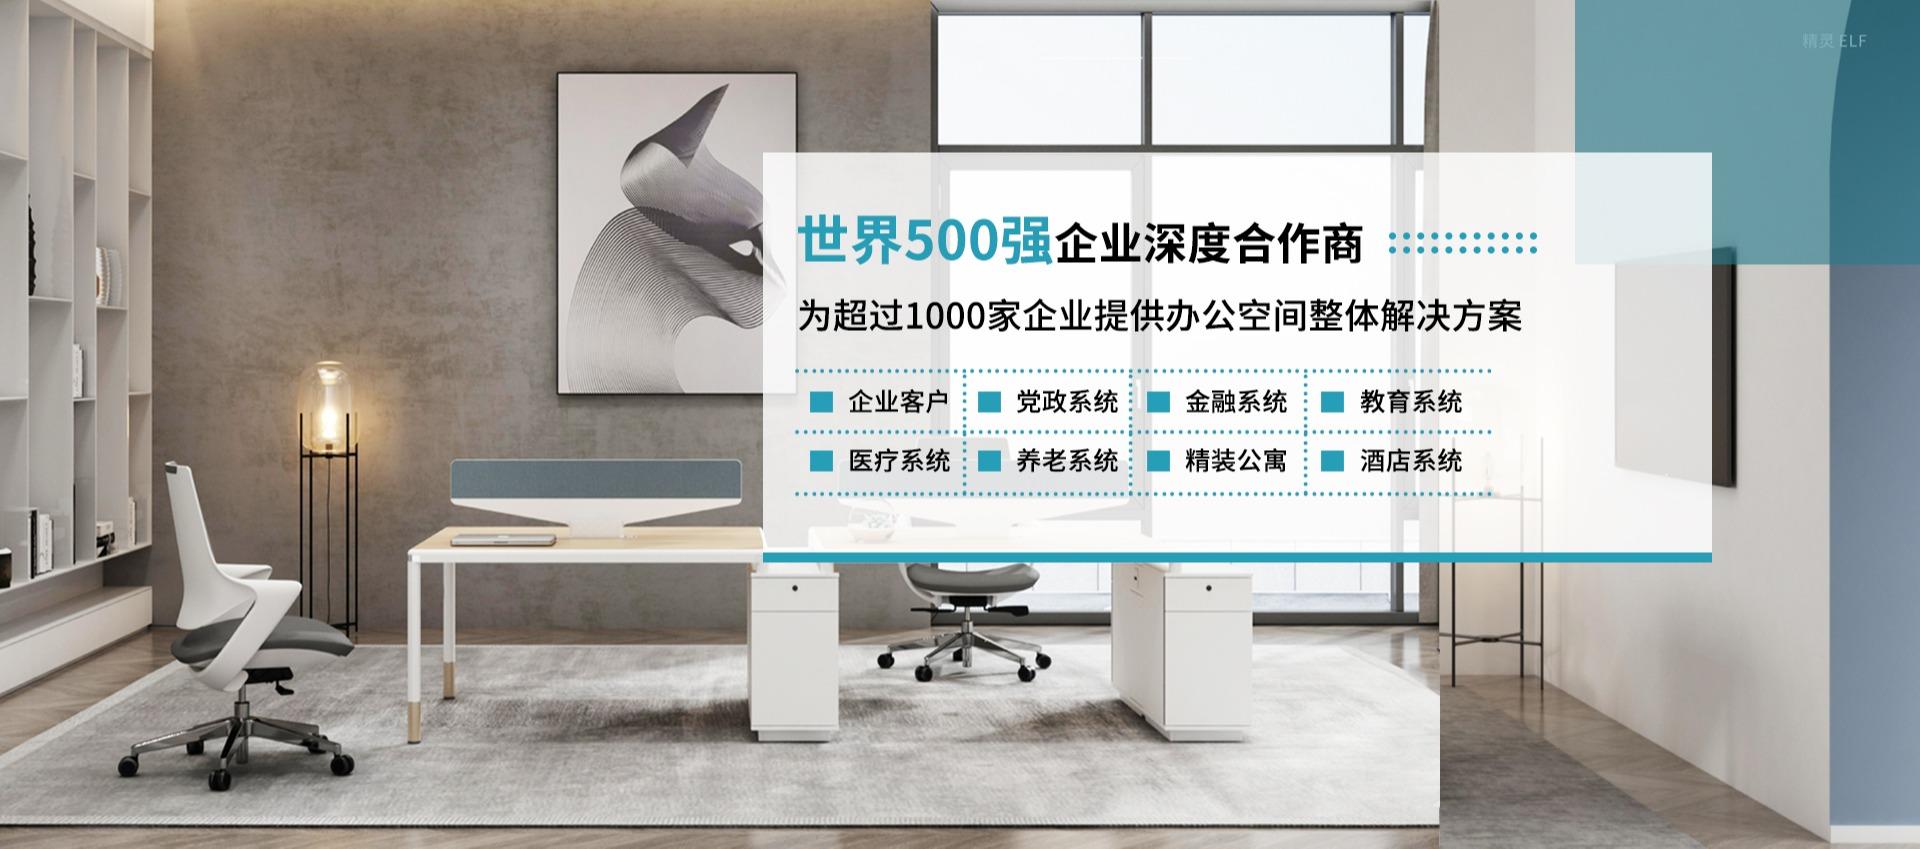 梵创家具-世界企业500强深度合作商